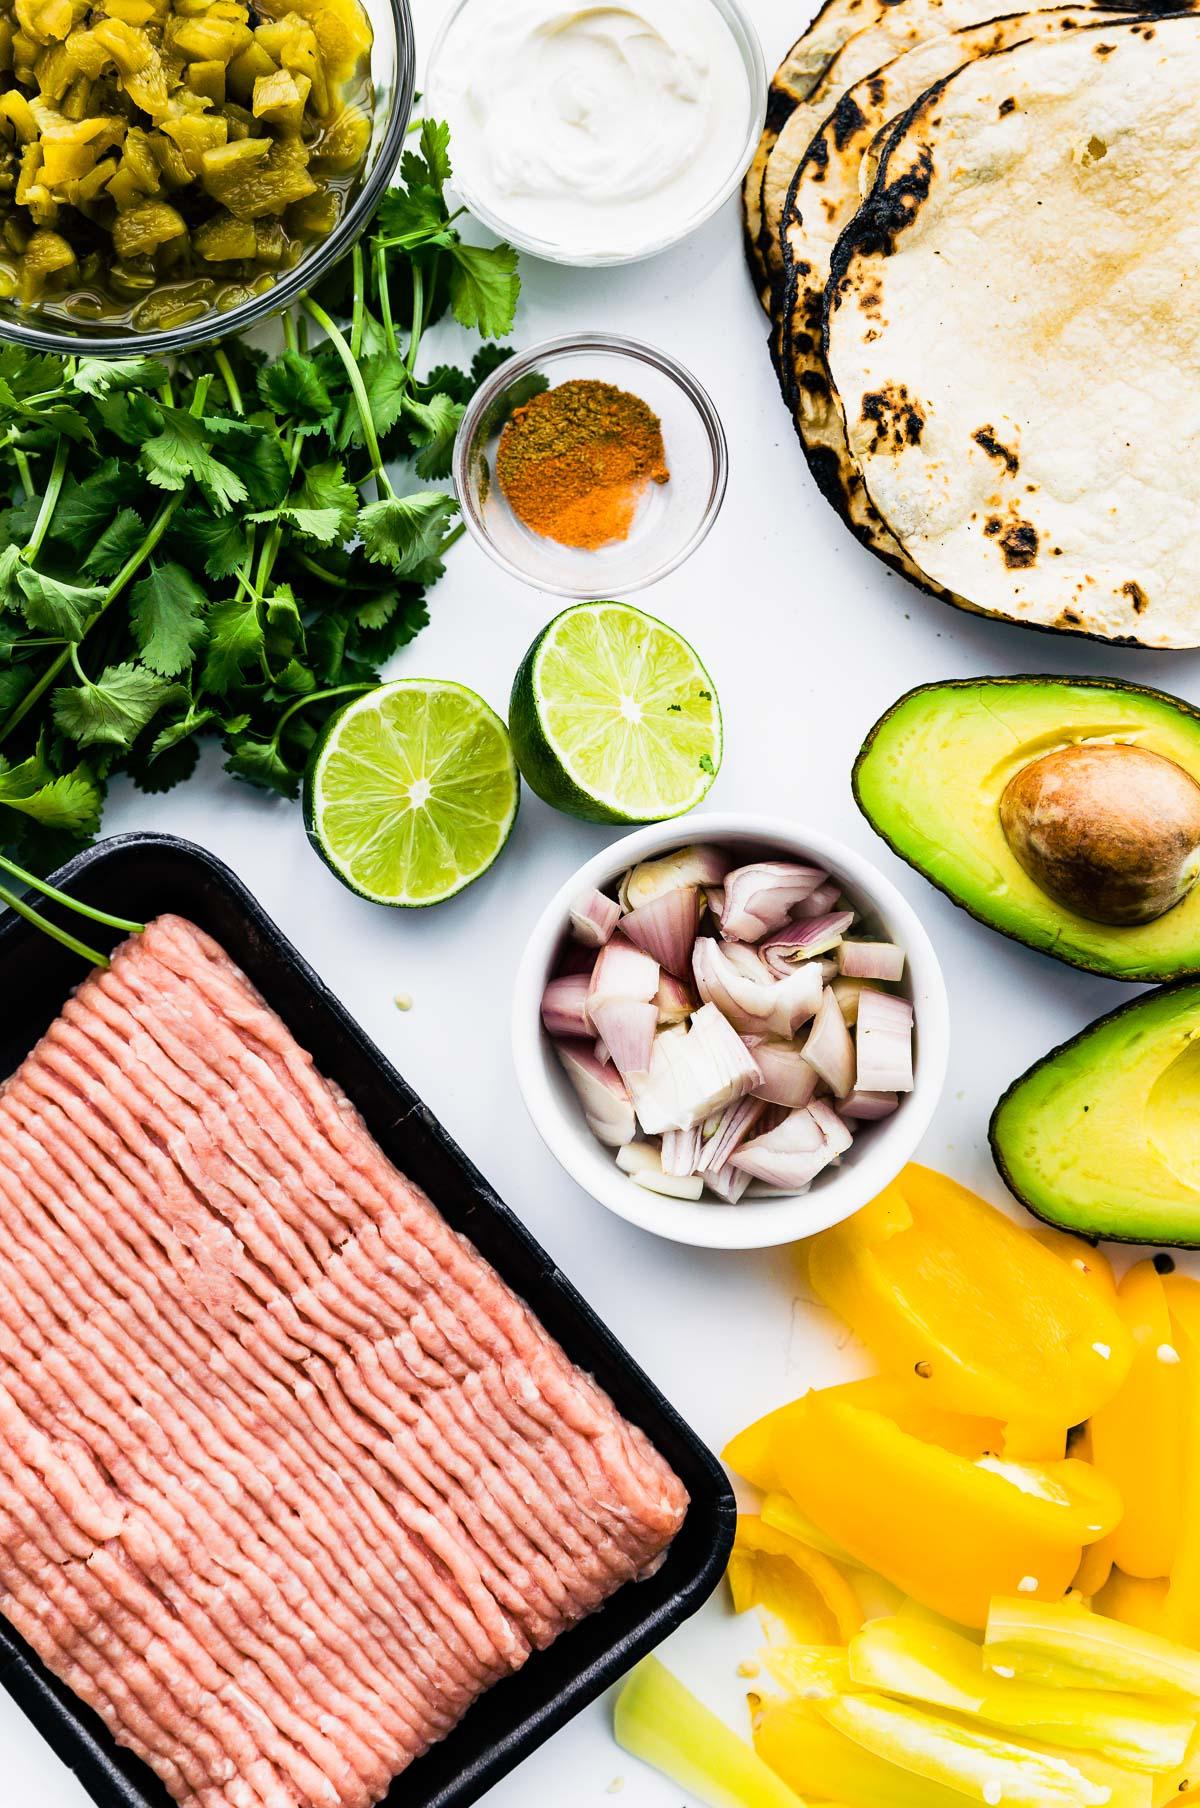 ingredients to make gluten free ground turkey tacos